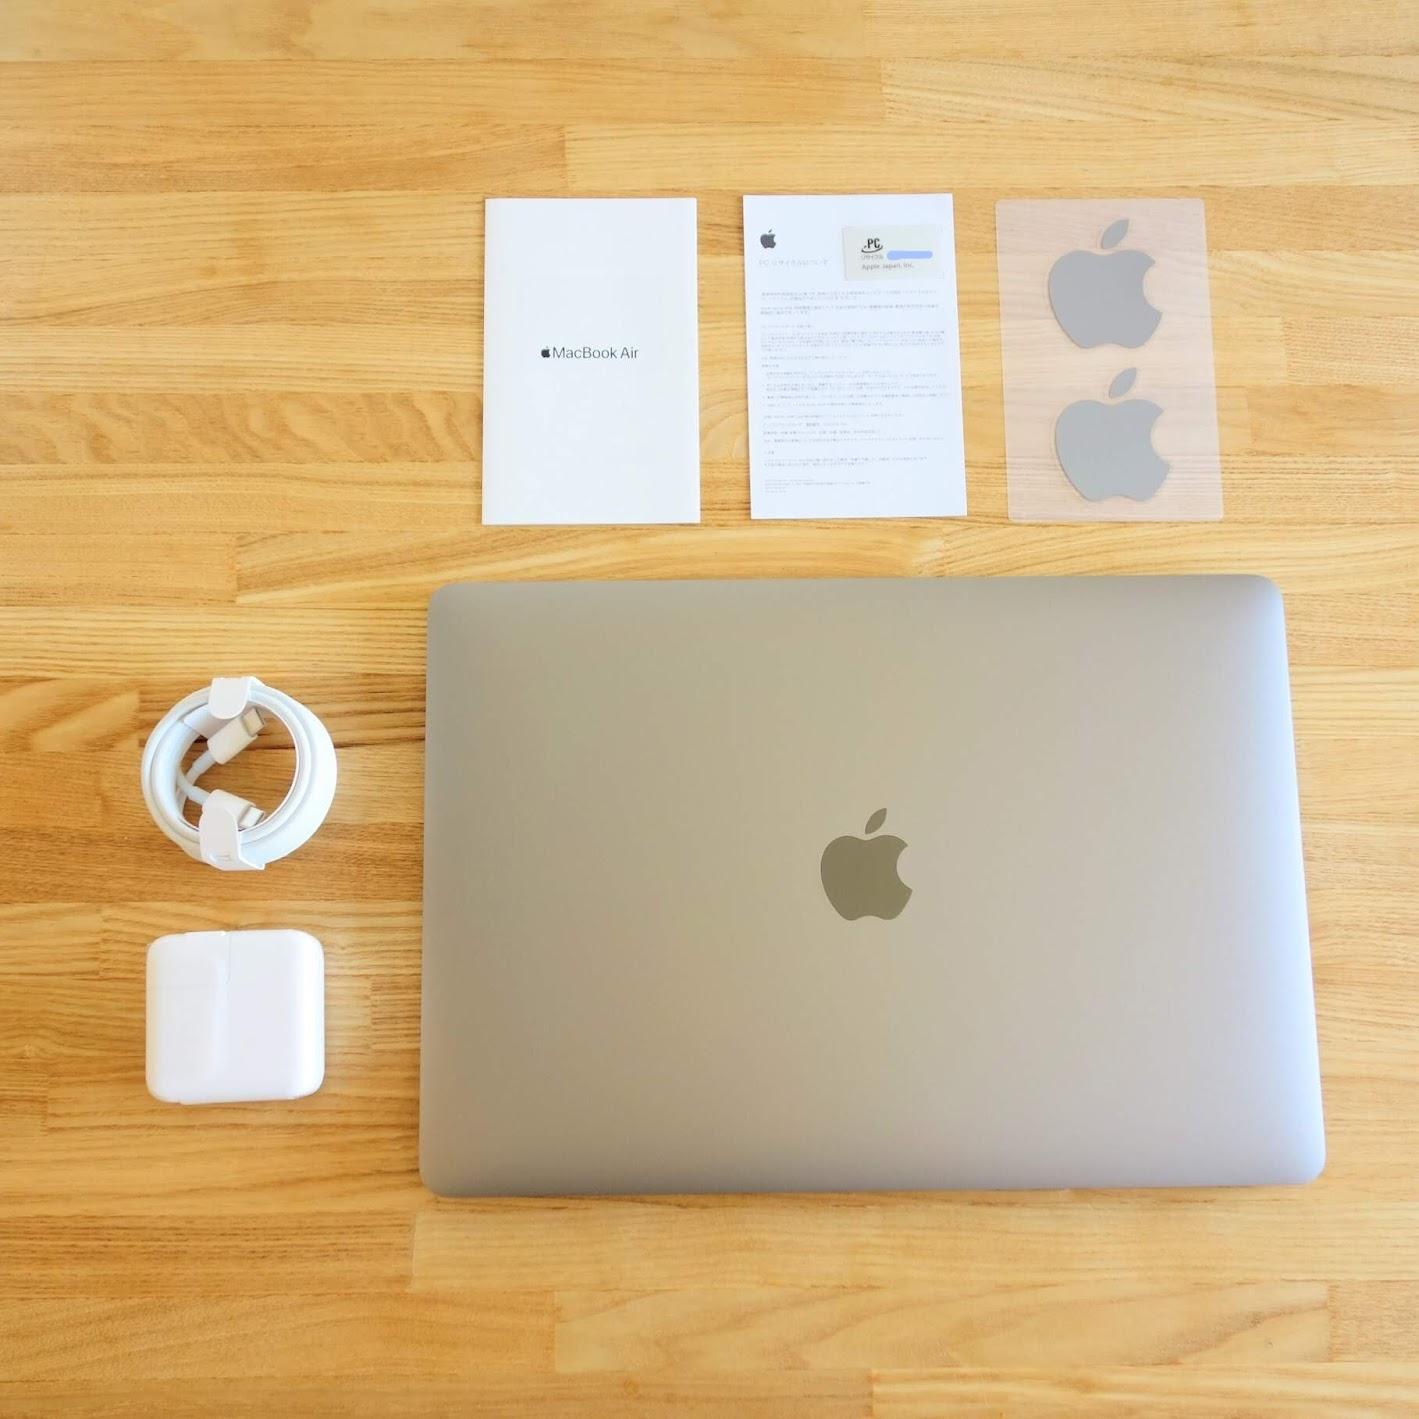 MacBook Air同梱物